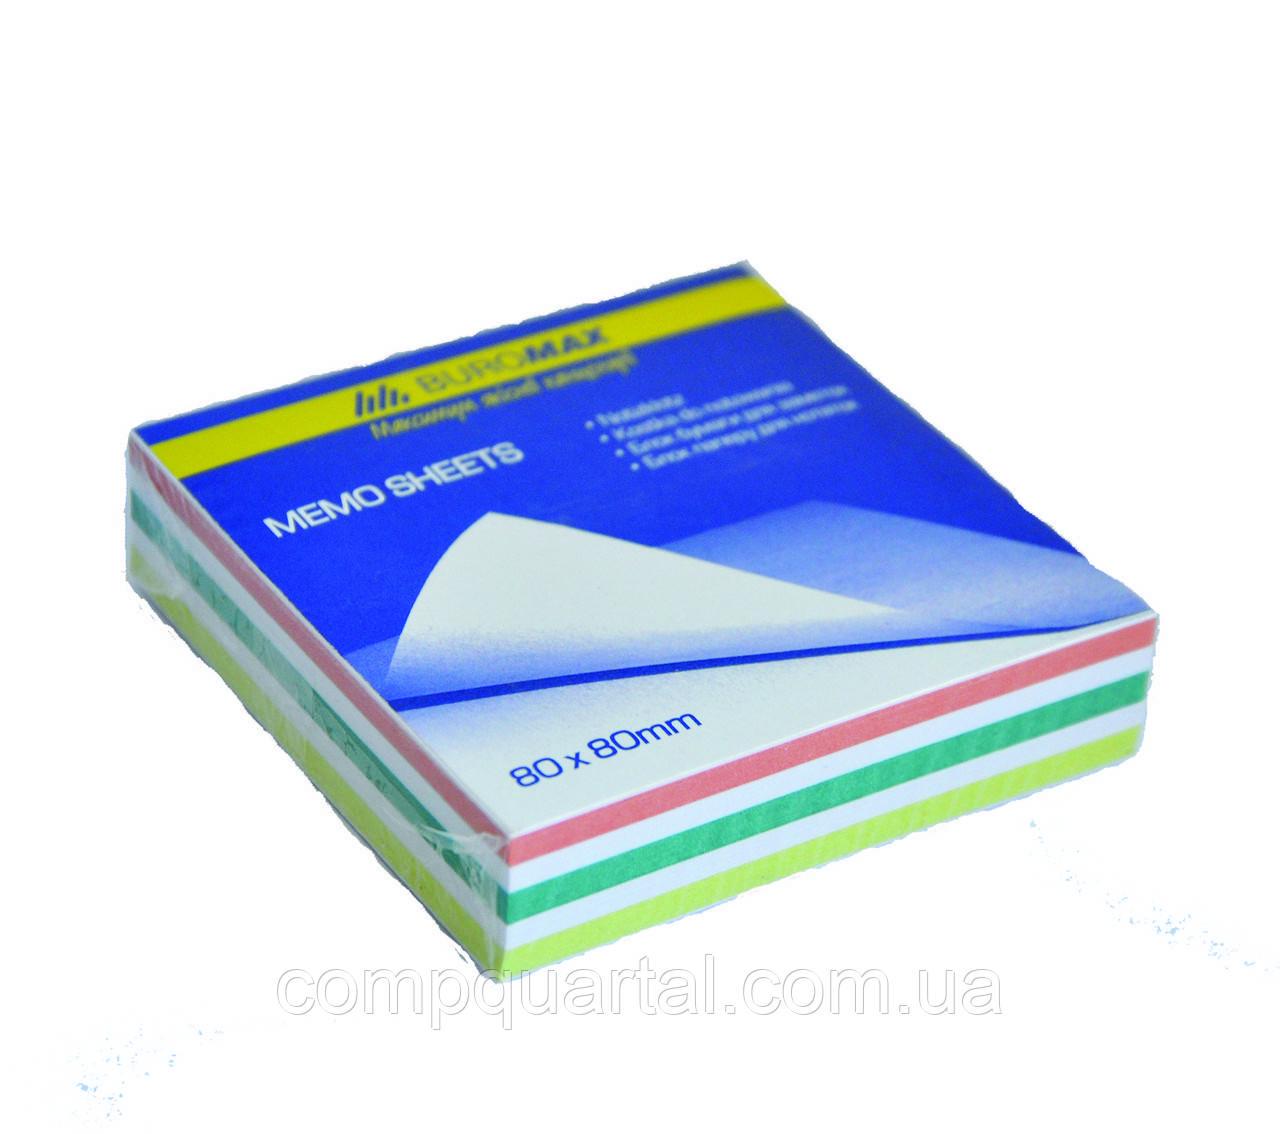 """Папір для нотаток кольоровий BUROMAX JOBMAX 2254 """"ЗЕБРА"""" 80Х80Х20 мм 220-250арк. склеєний"""